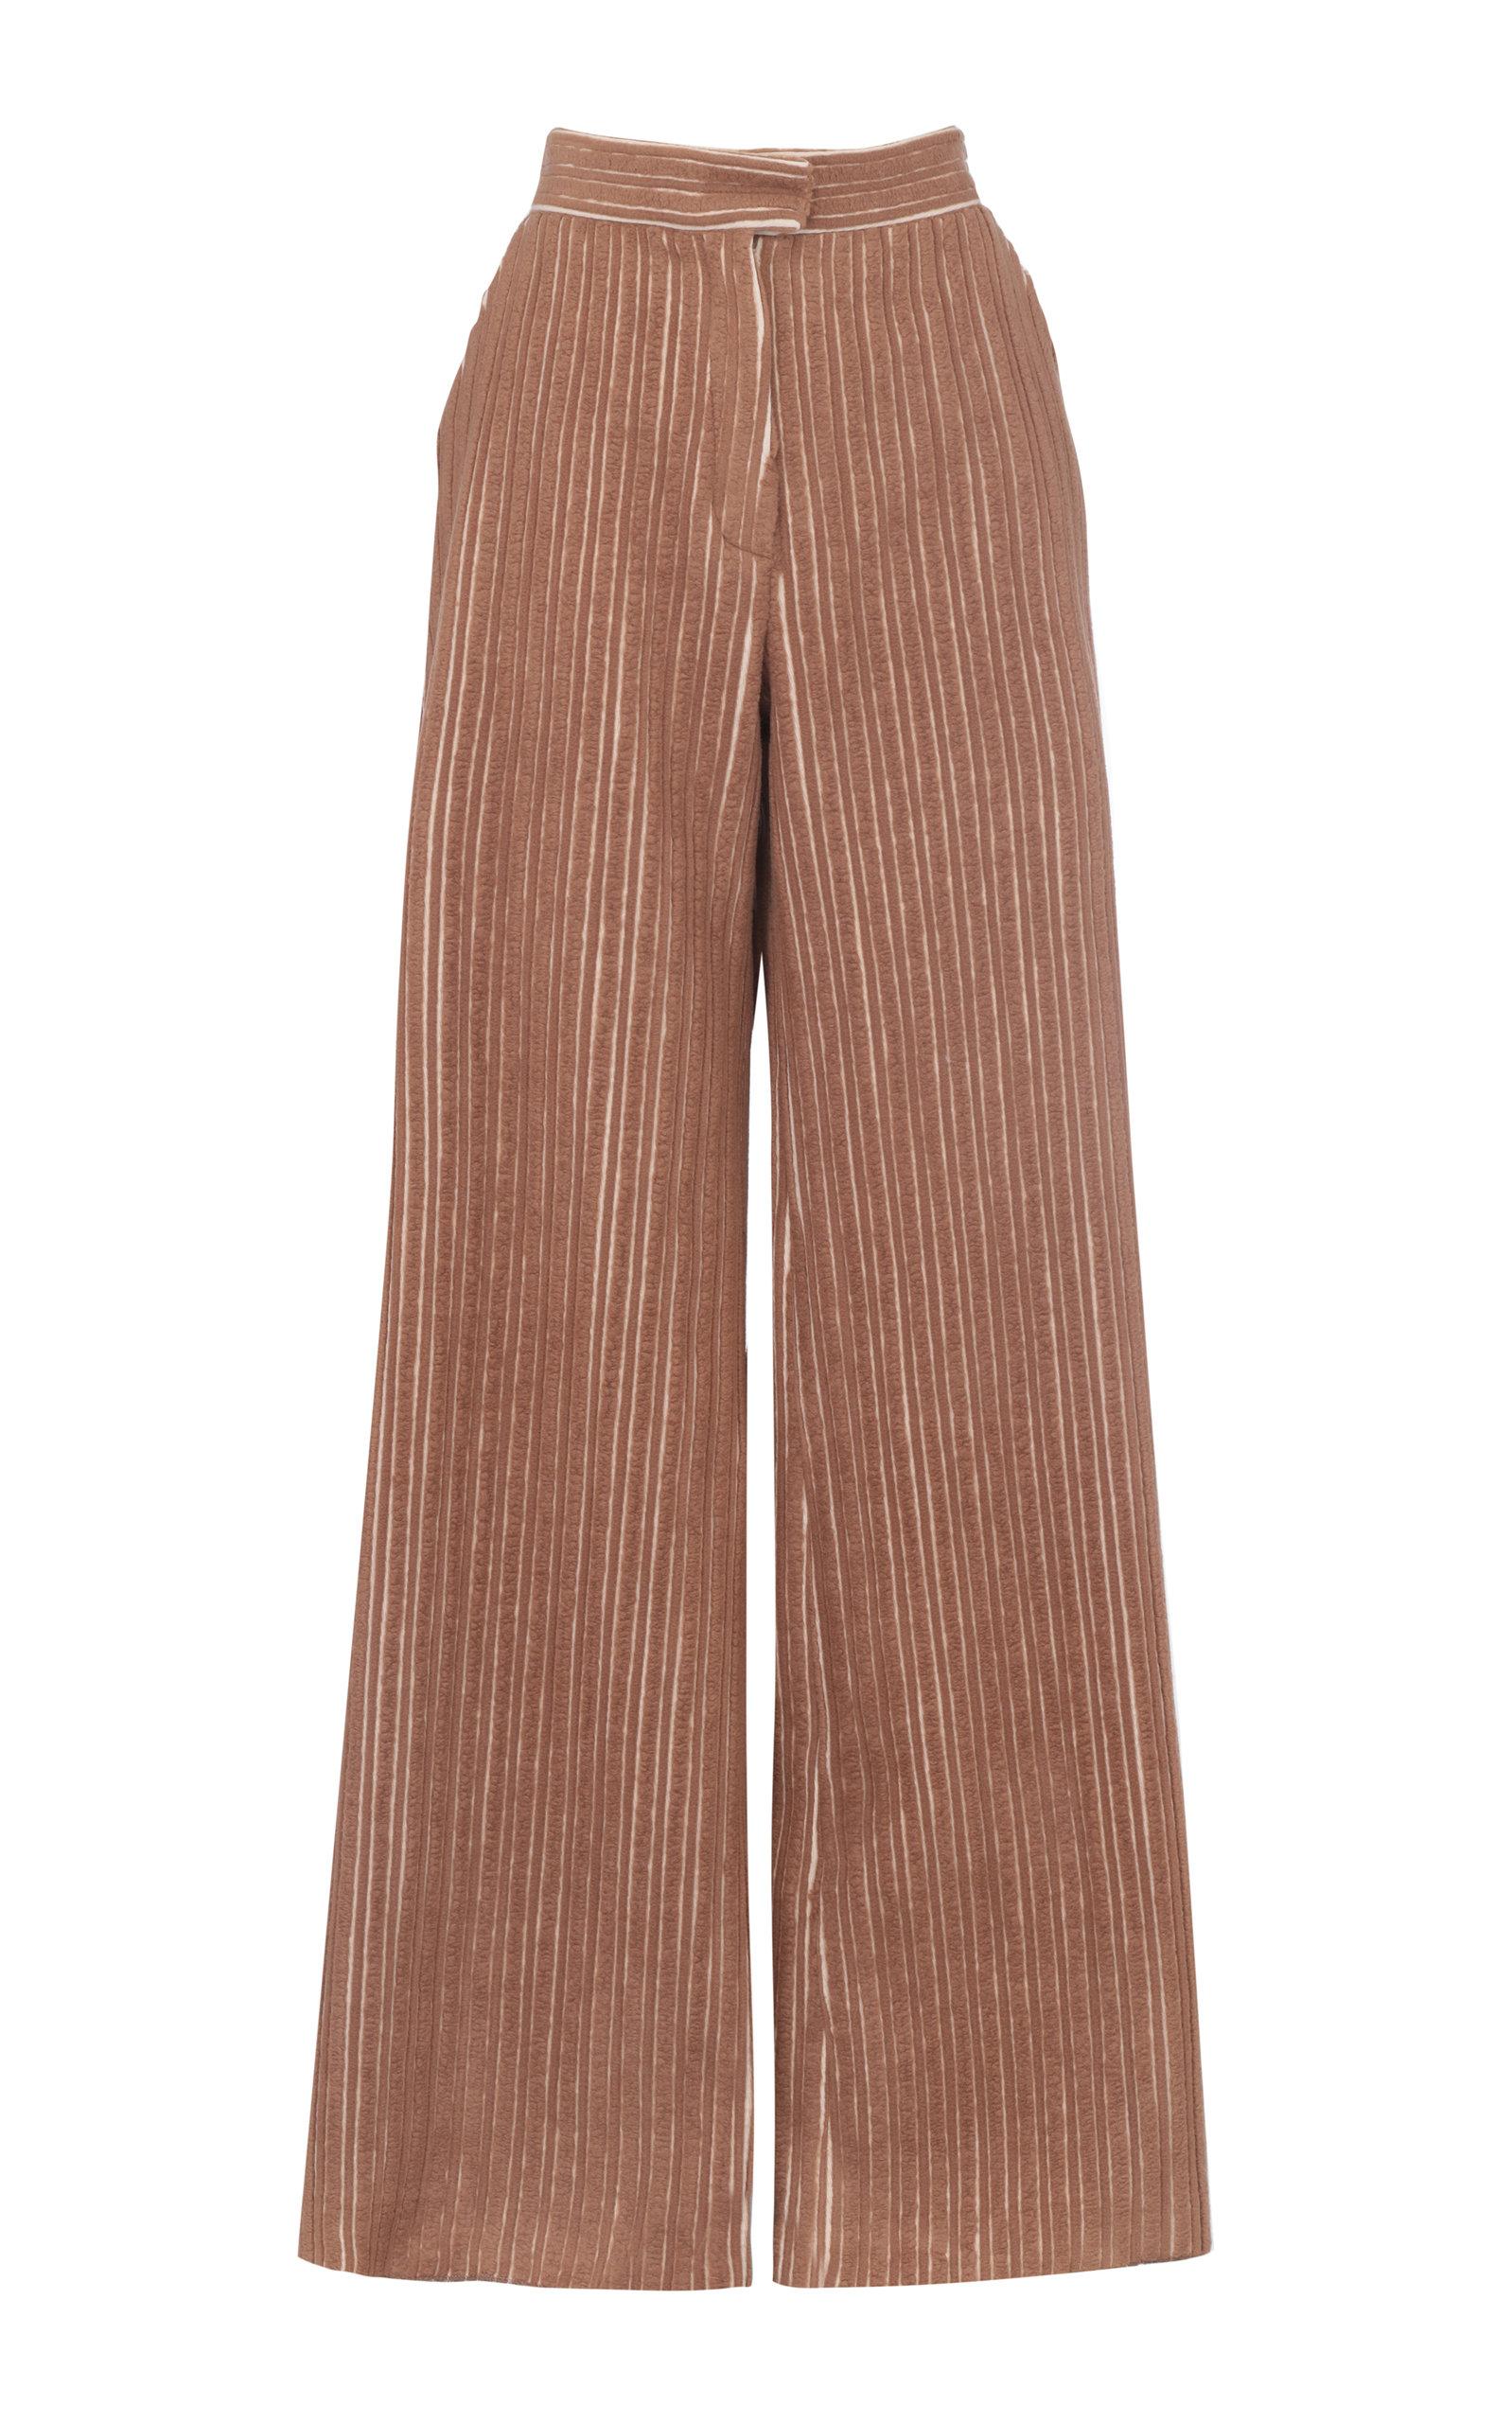 Women's High-Waist Wide-Leg Virgin Wool-Blend Pants